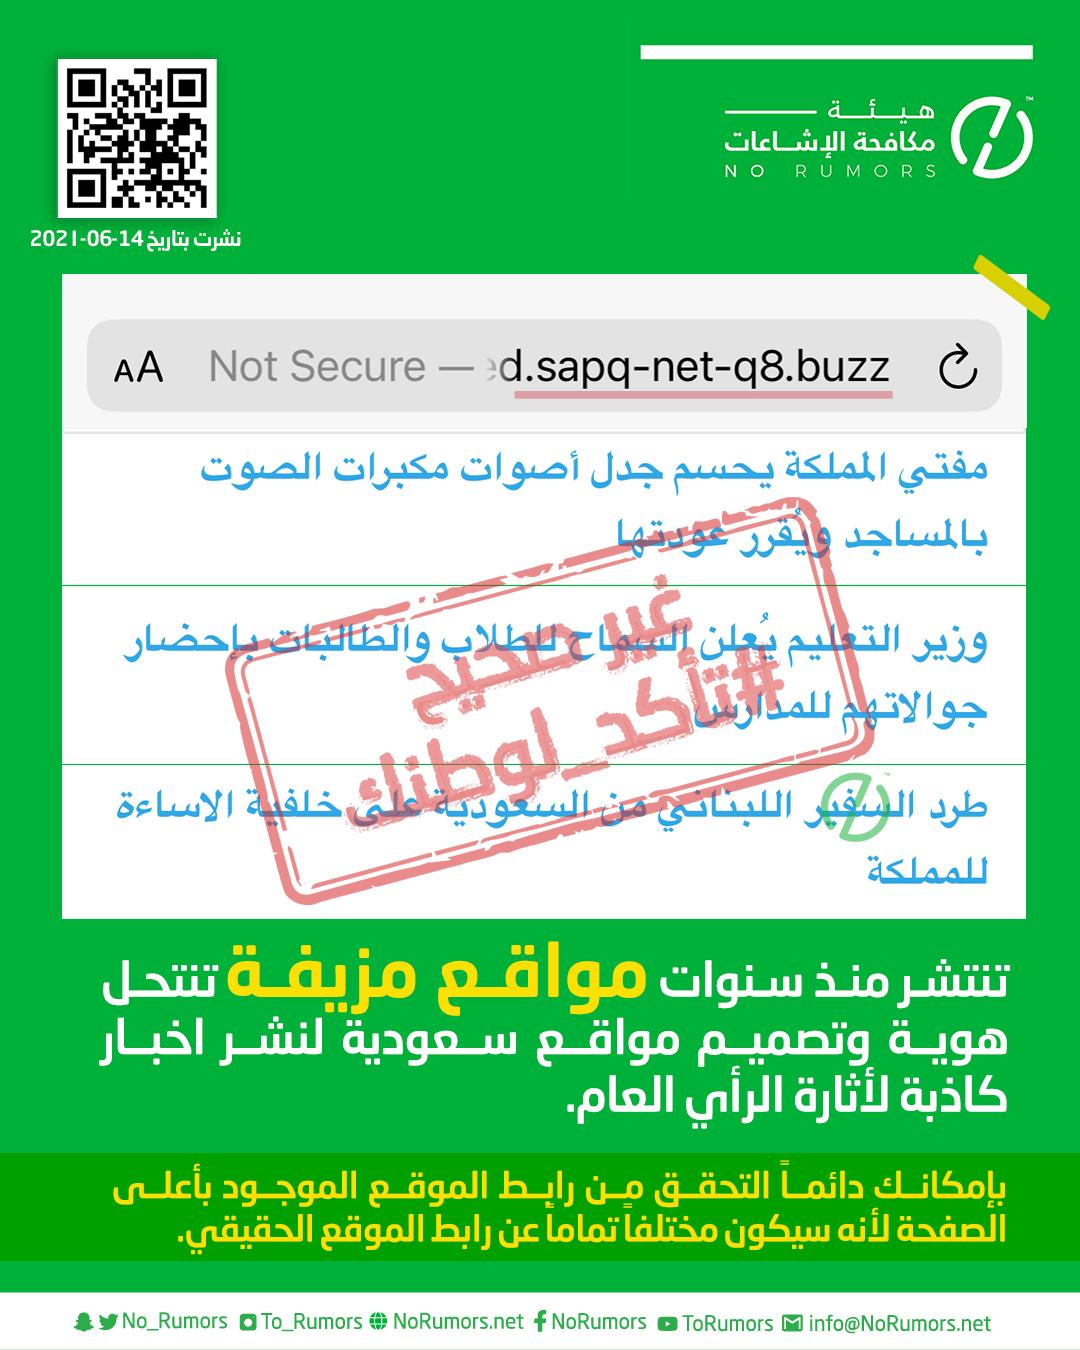 حقيقة تصريح مفتي المملكة عن مكبرات الصوت في المساجد